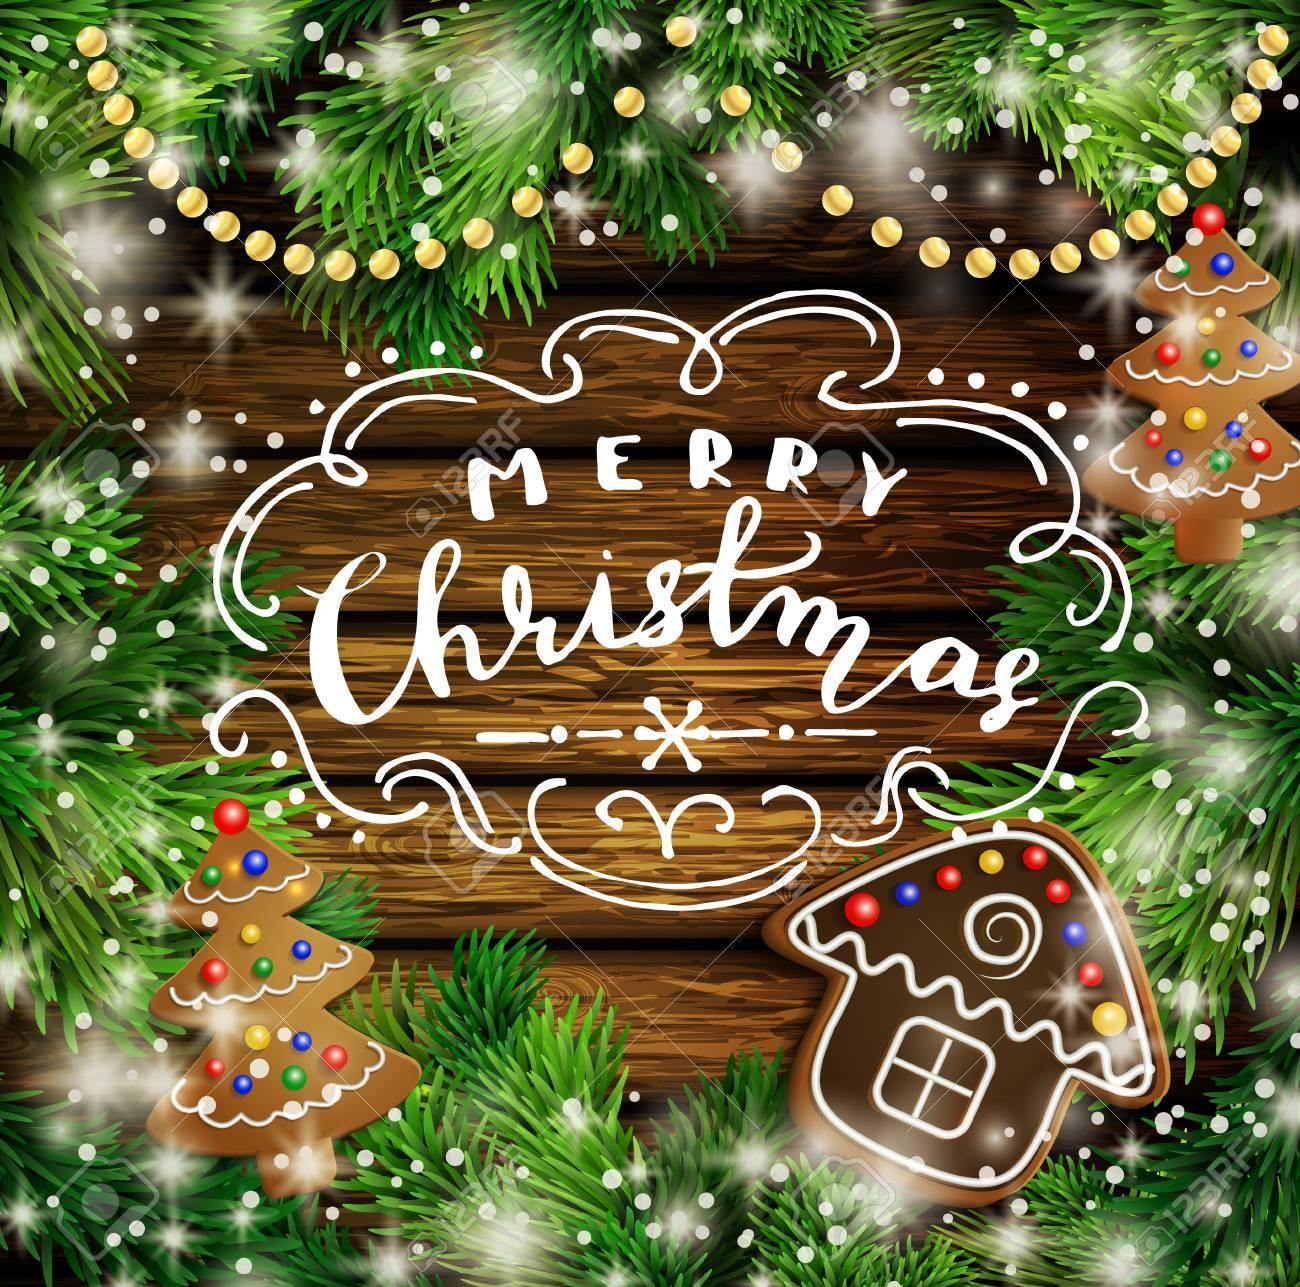 クリスマス クリスマス正月デザインの木製の背景にはガーランドとジンジャーブレッドの木と家が点灯しますベクトル図手書きのメリー クリスマス クリスマス ツリー